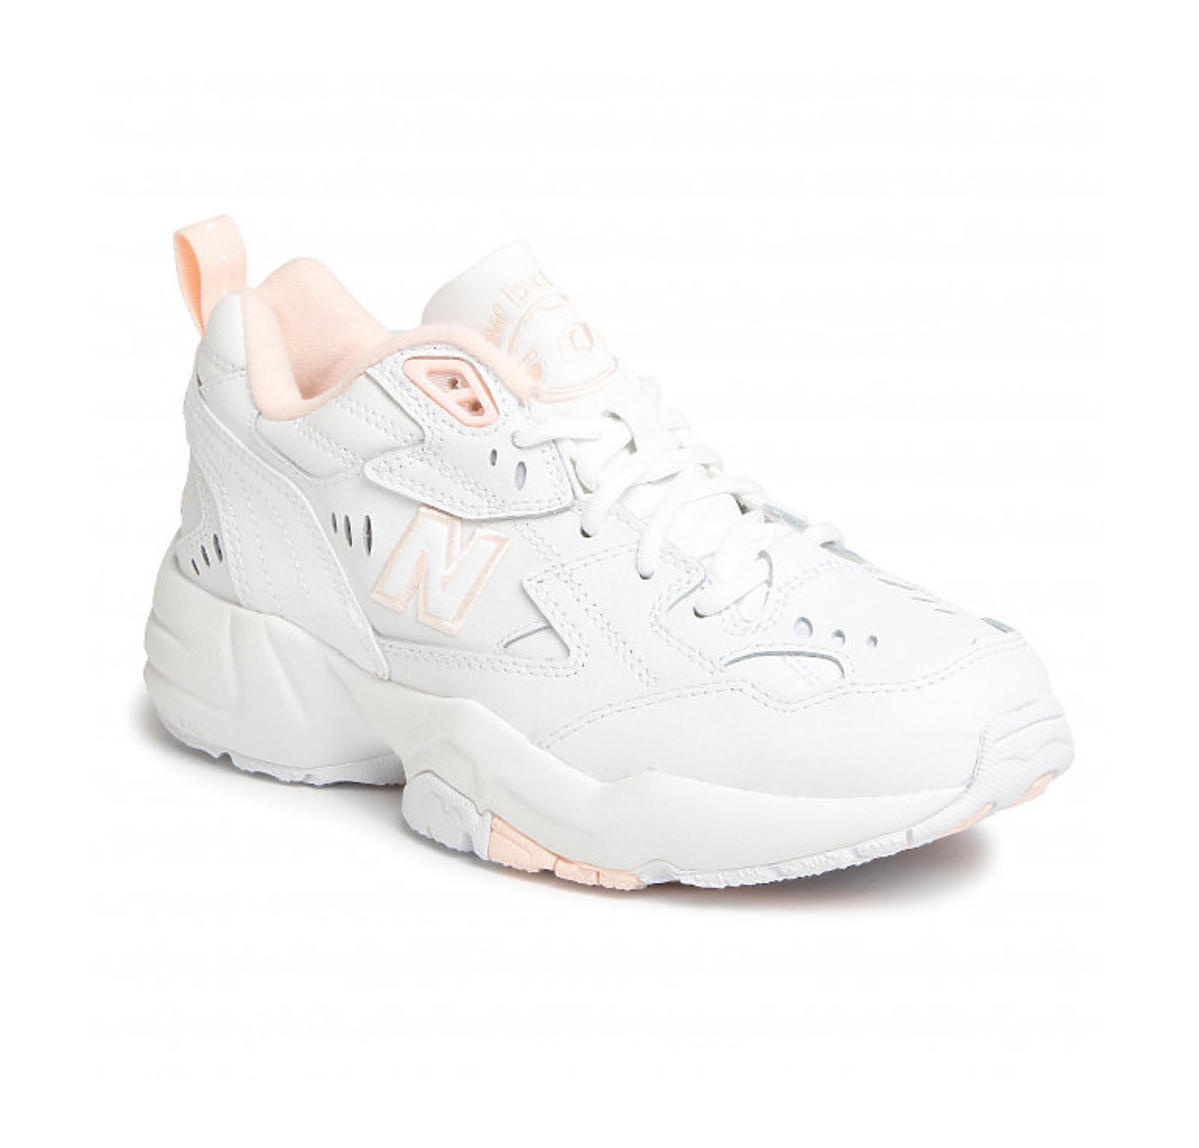 Sneakersy New Balance, wcześniej kosztowały 349 złotych - do 29 marca kupicie je za 279 złotych.